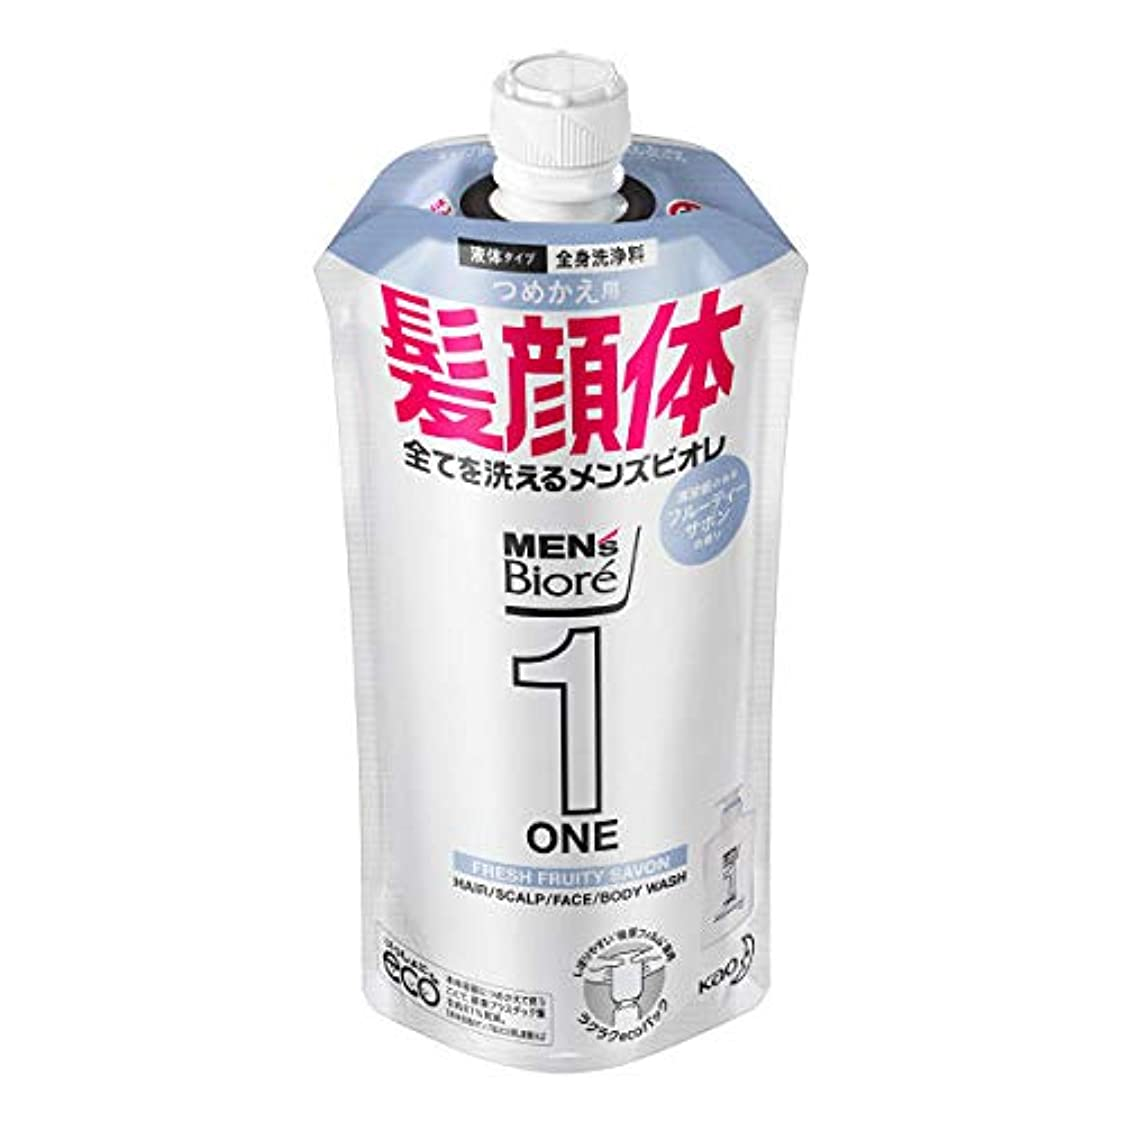 全体にアイドル晩餐メンズビオレONE オールインワン全身洗浄料 清潔感のあるフルーティーサボンの香り つめかえ用 340mL